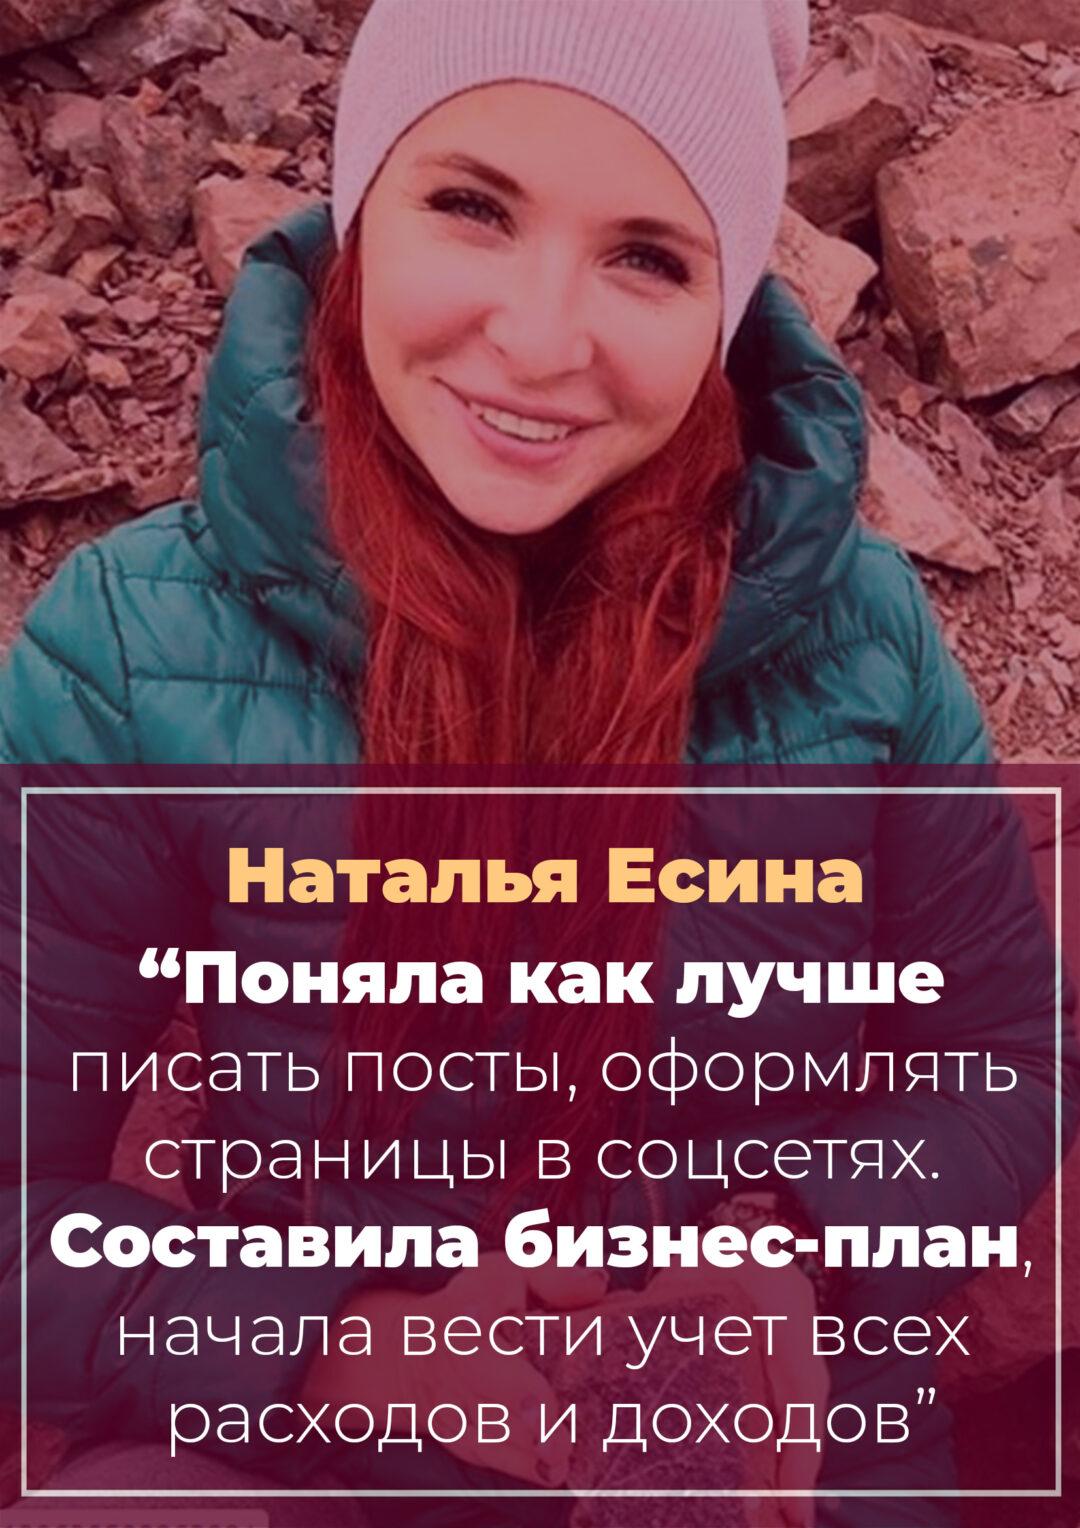 История Натальи Есиной